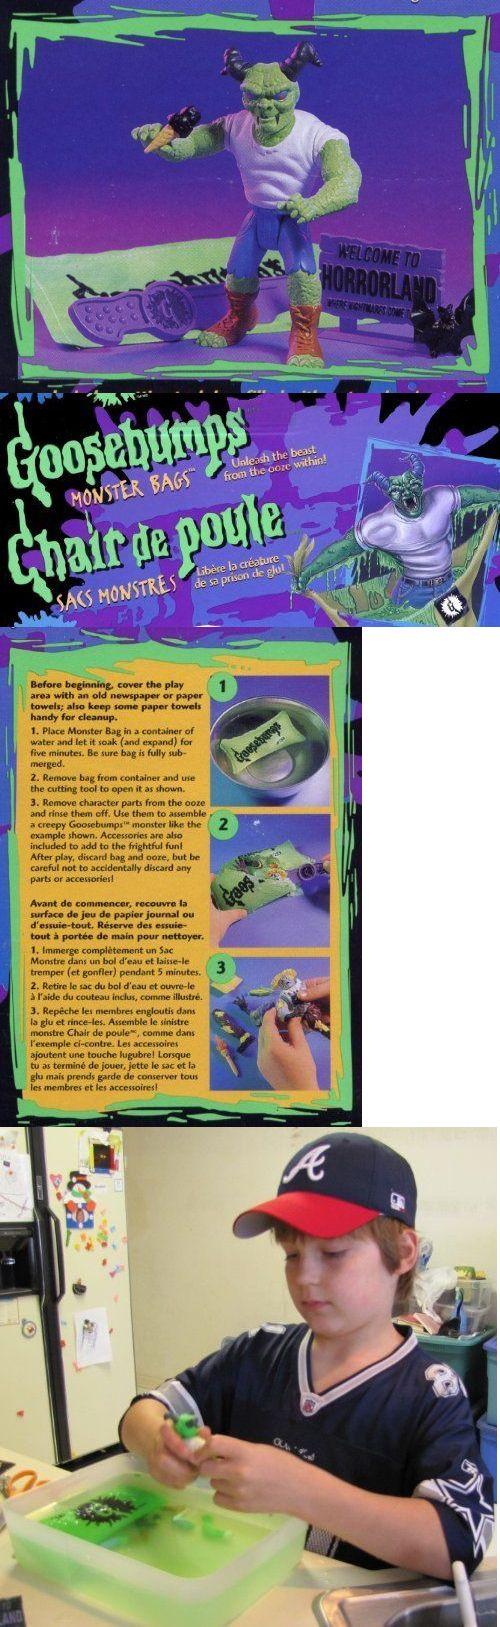 Other Monster Toys 19196: Goosebumps Monster Bags - Horror From Horrorland Monster Action Figure -> BUY IT NOW ONLY: $37.95 on eBay!